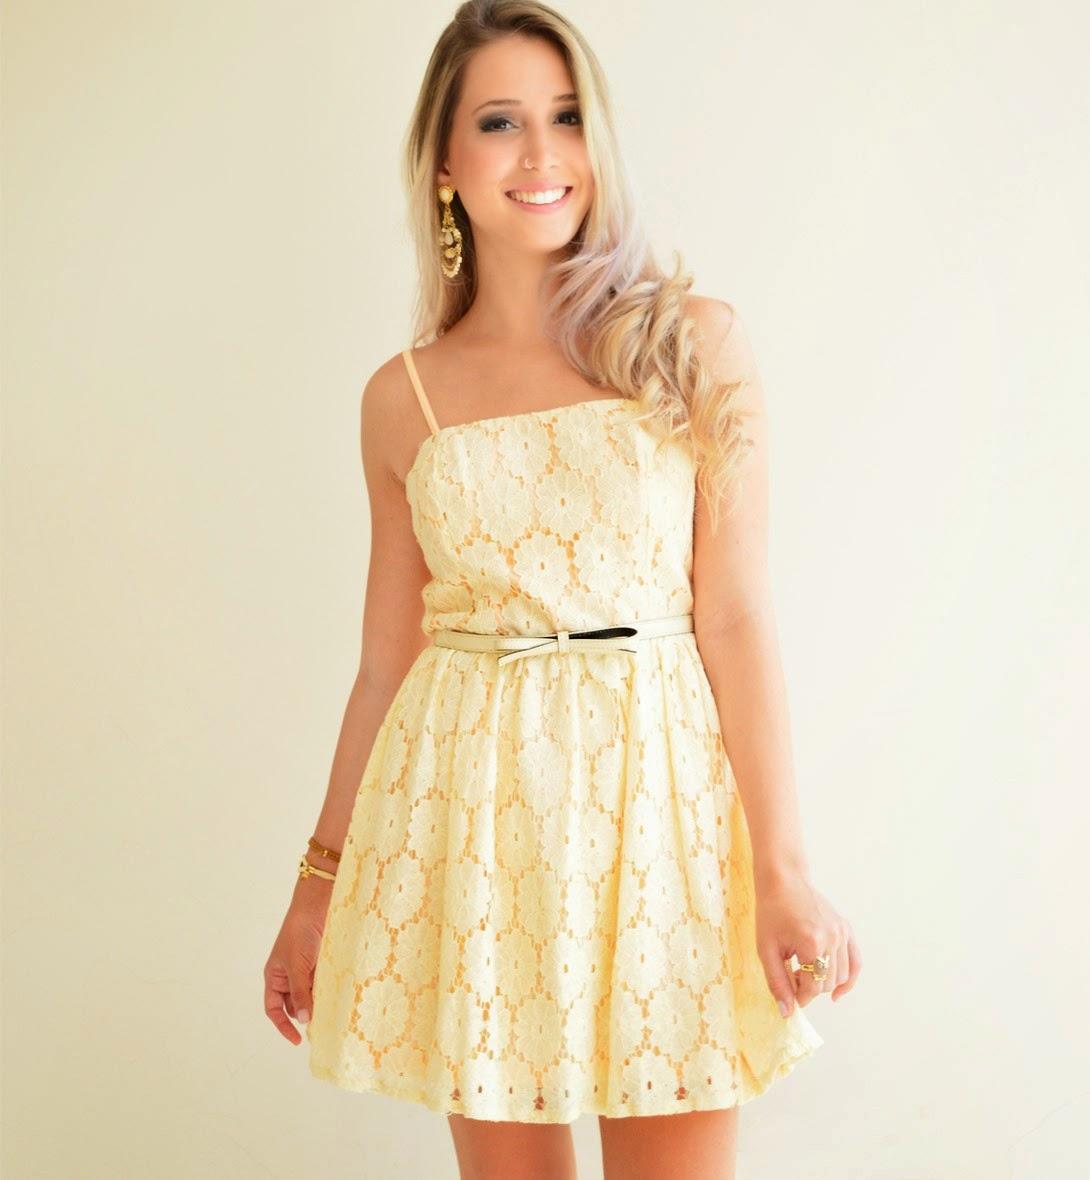 vestido curto com renda amarelo.